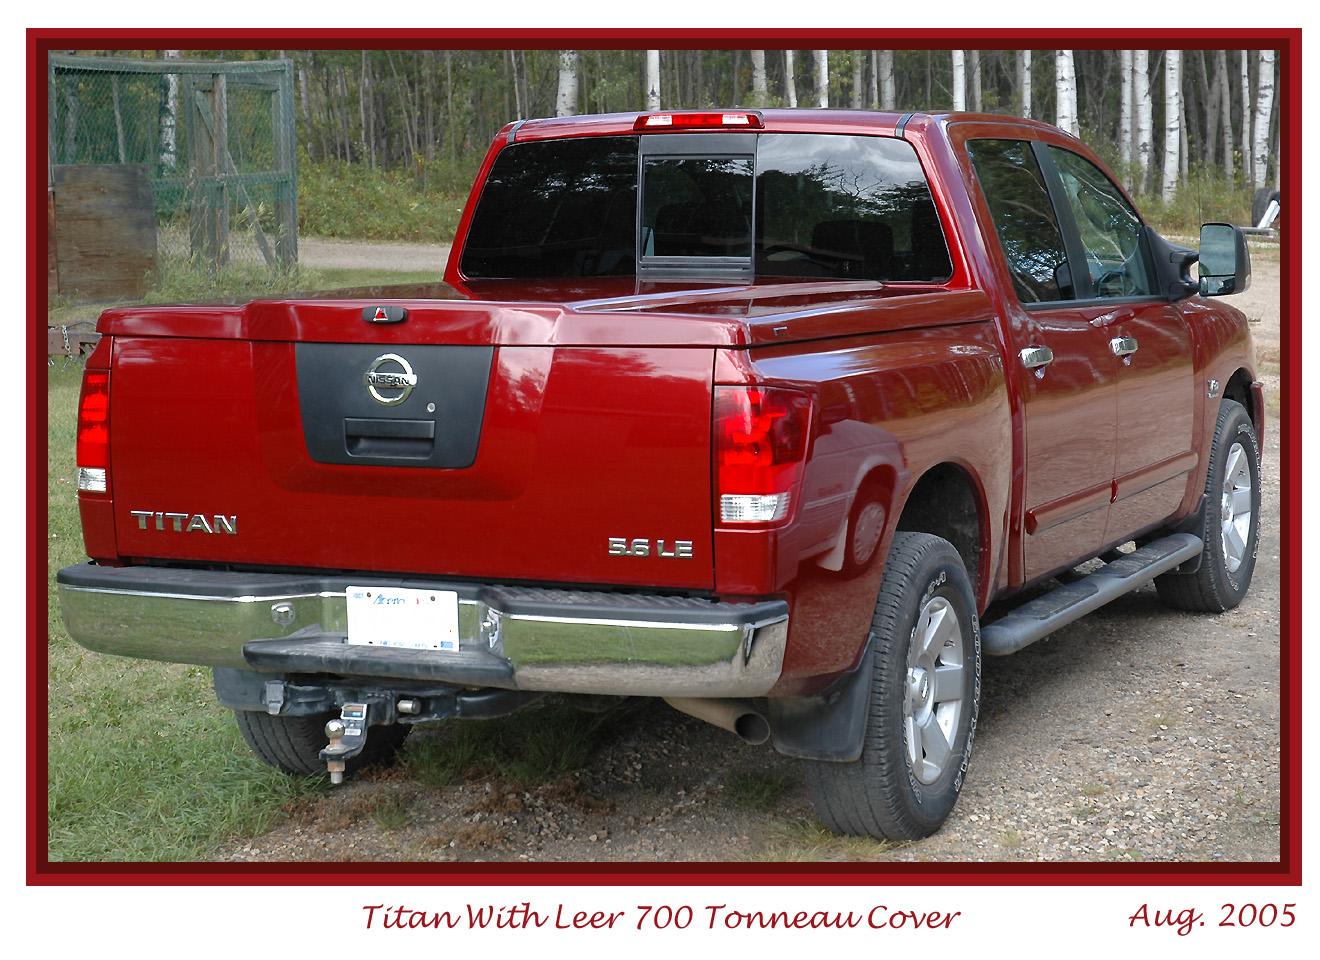 Elegant ... Titan Leer 700 Tonneau Cover U0026amp; Painted Cover Leertitan2k5